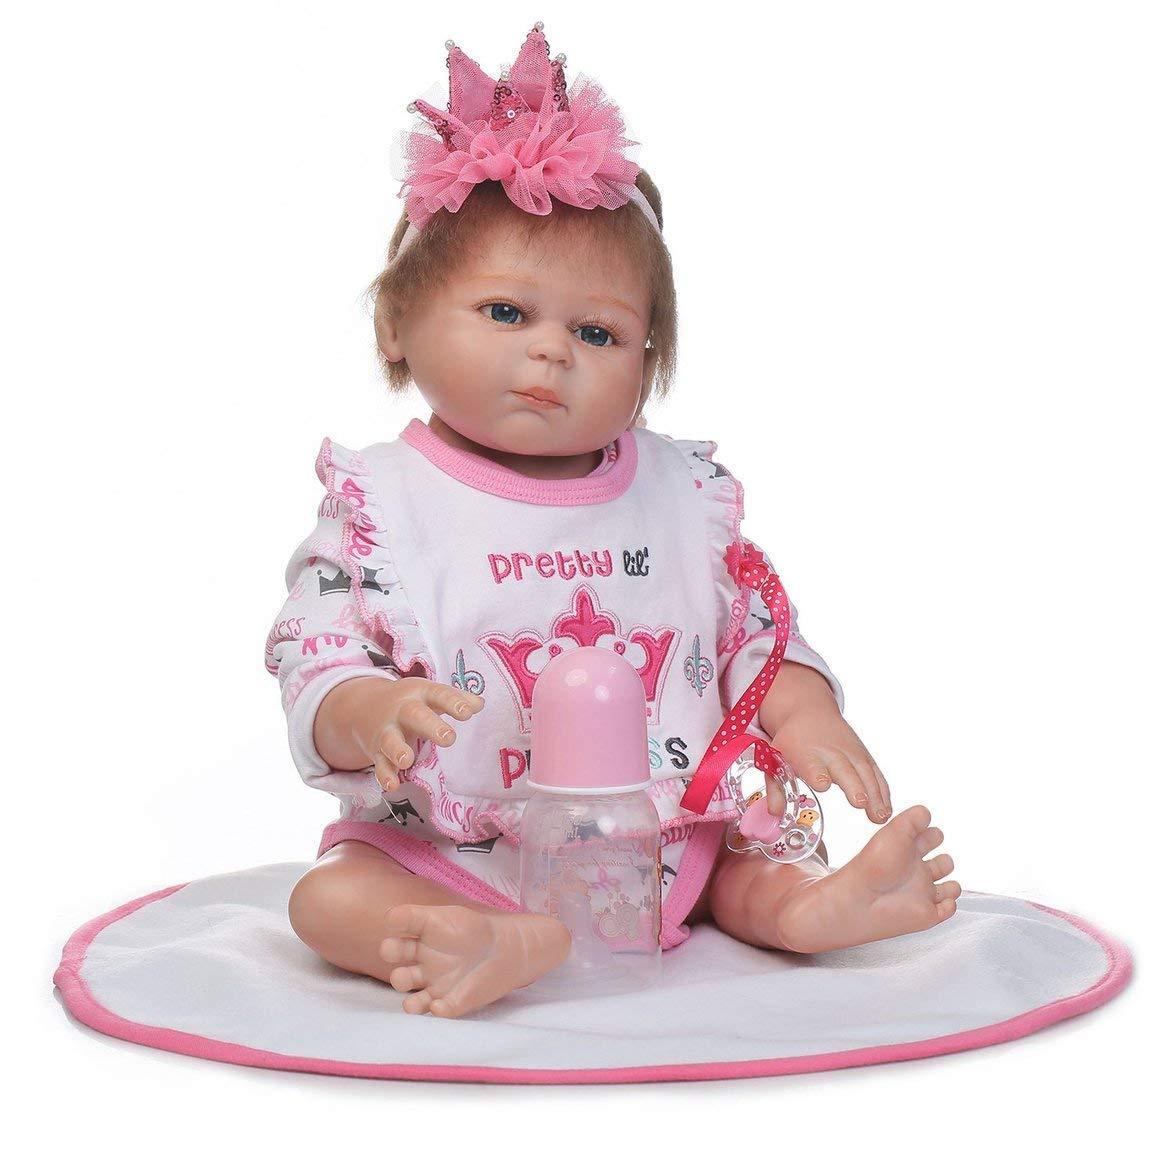 Kongqiabona 18 Zoll Offenen Augen Kinder Reborn Baby Puppe Weiche Silikon Lebensechte Neugeborene Puppe Mädchen Geburtstagsgeschenk Für Kinder Mädchen